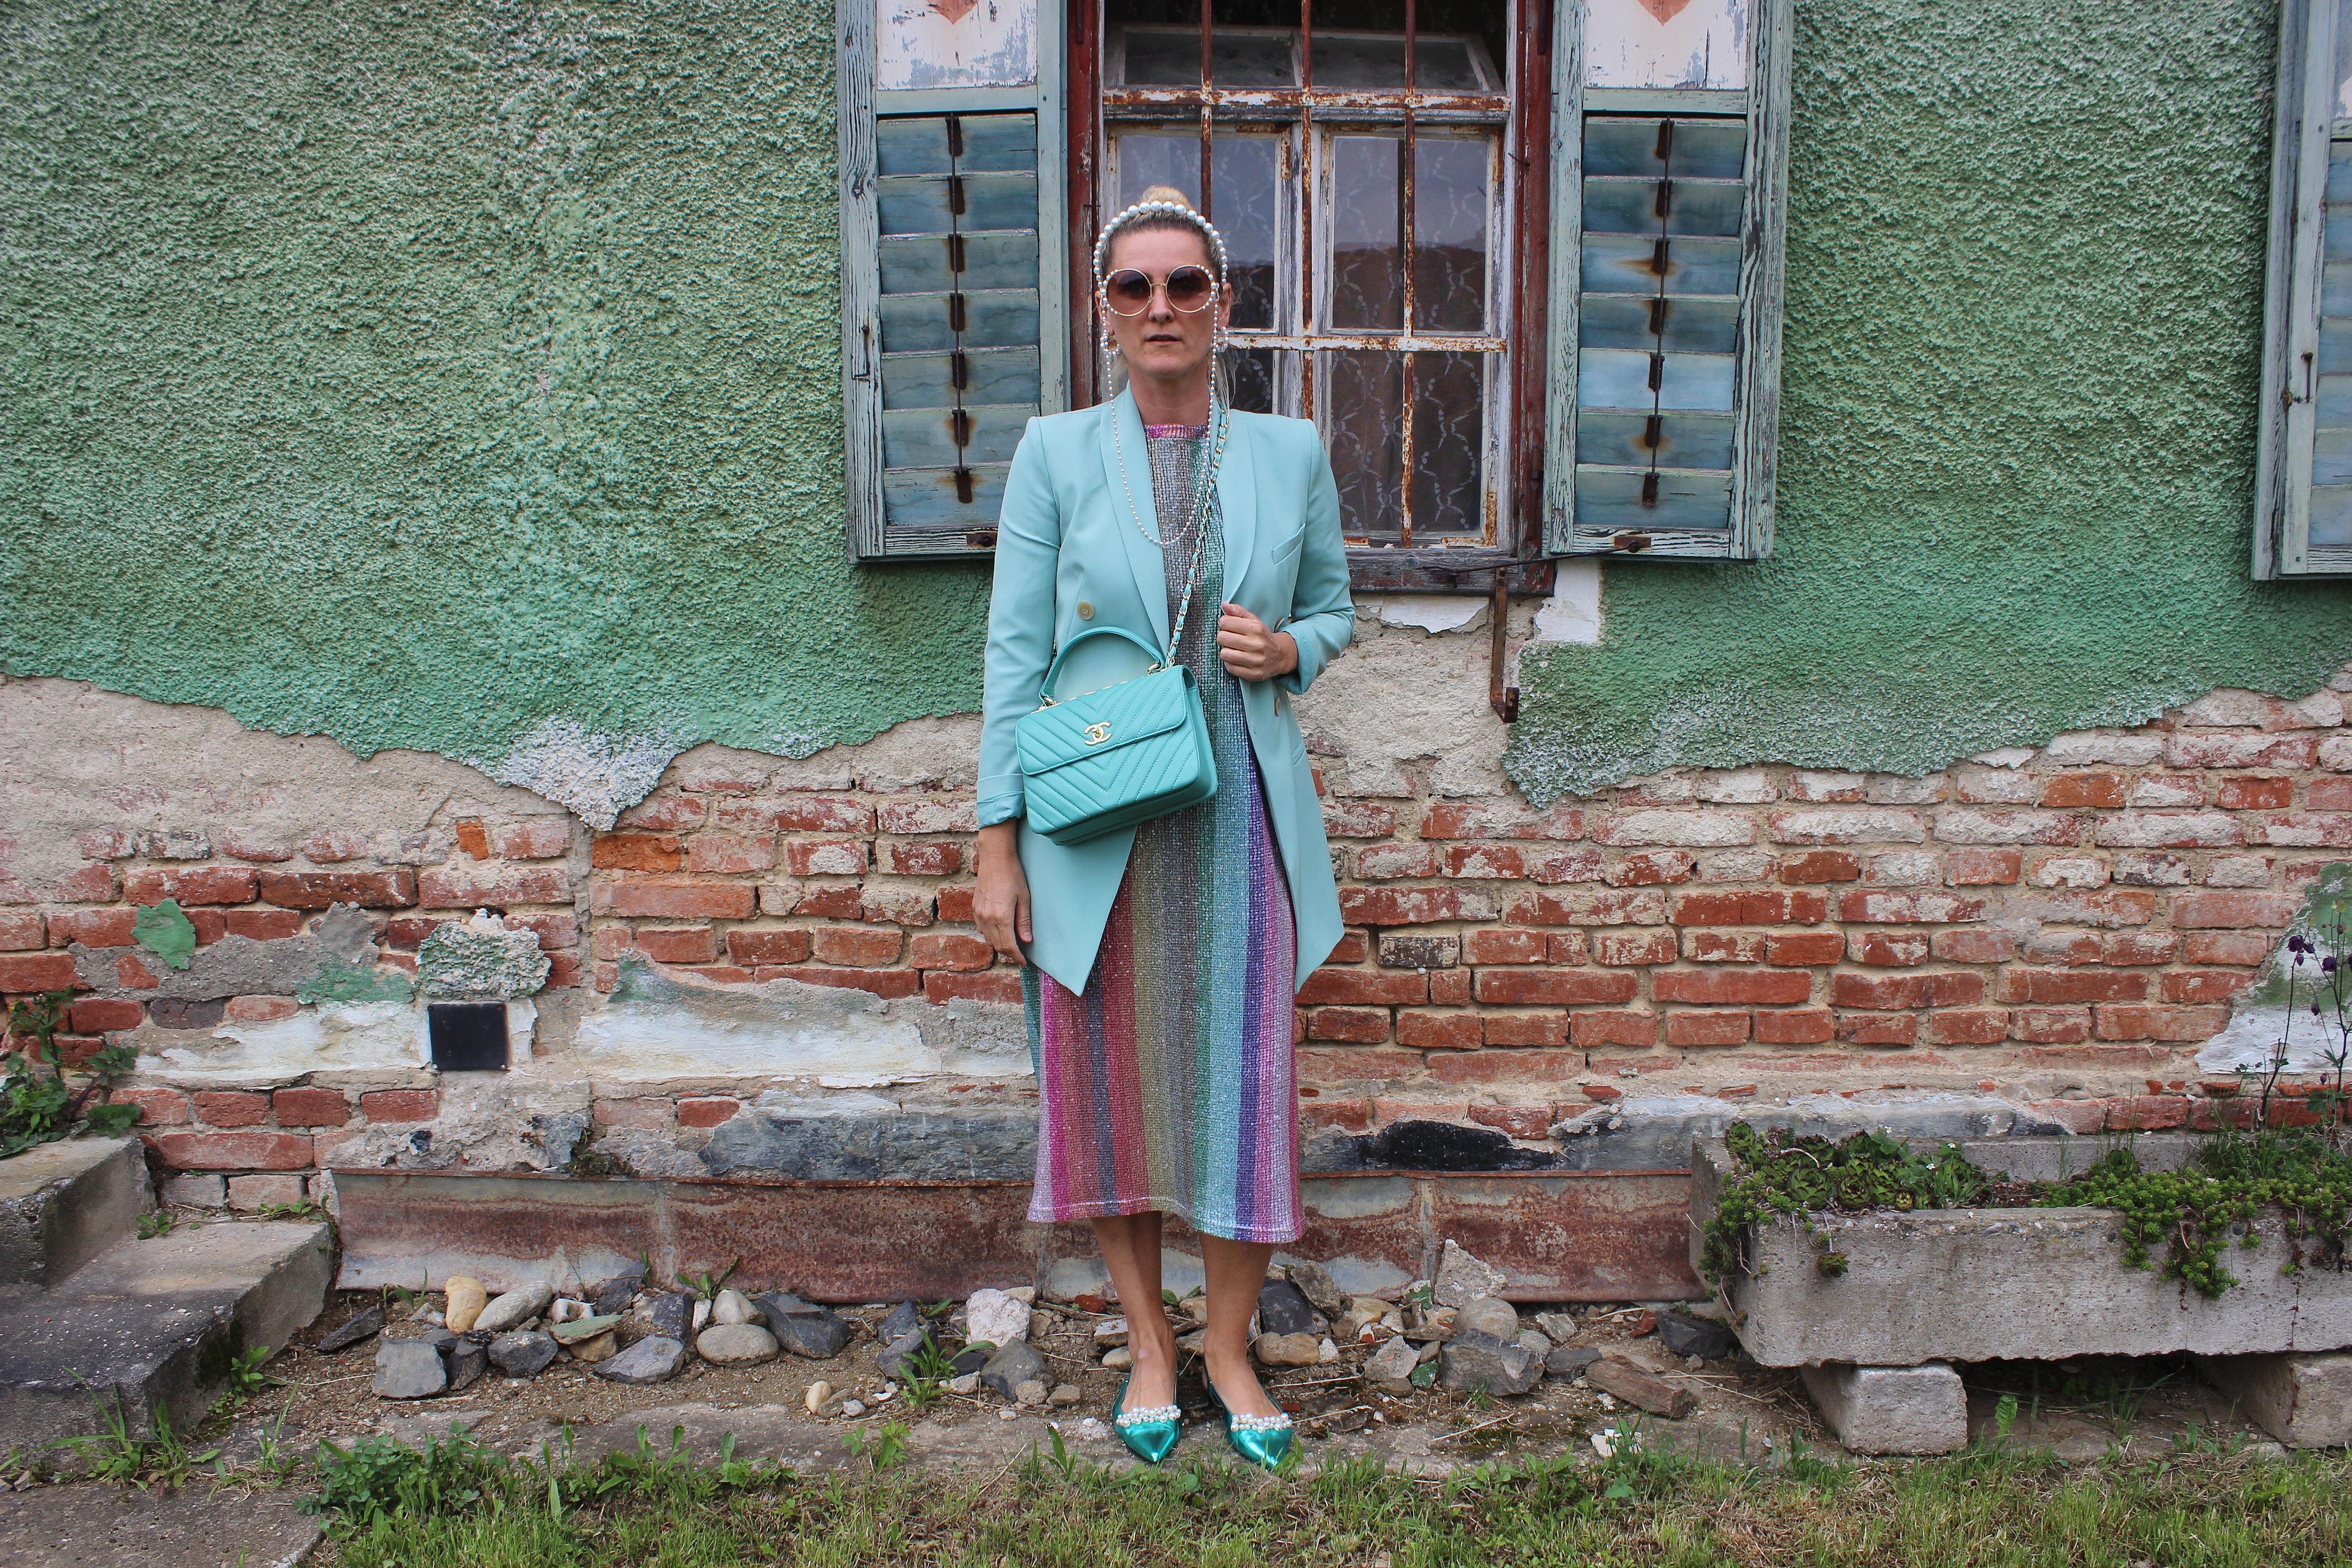 Longblazer-Trend-Mint-Regenbogenkleid-Pearls-Perlen-Chanel Tasche-Bloggerstyle-Blogger-carrieslifestyle-Tamara-Prutsch